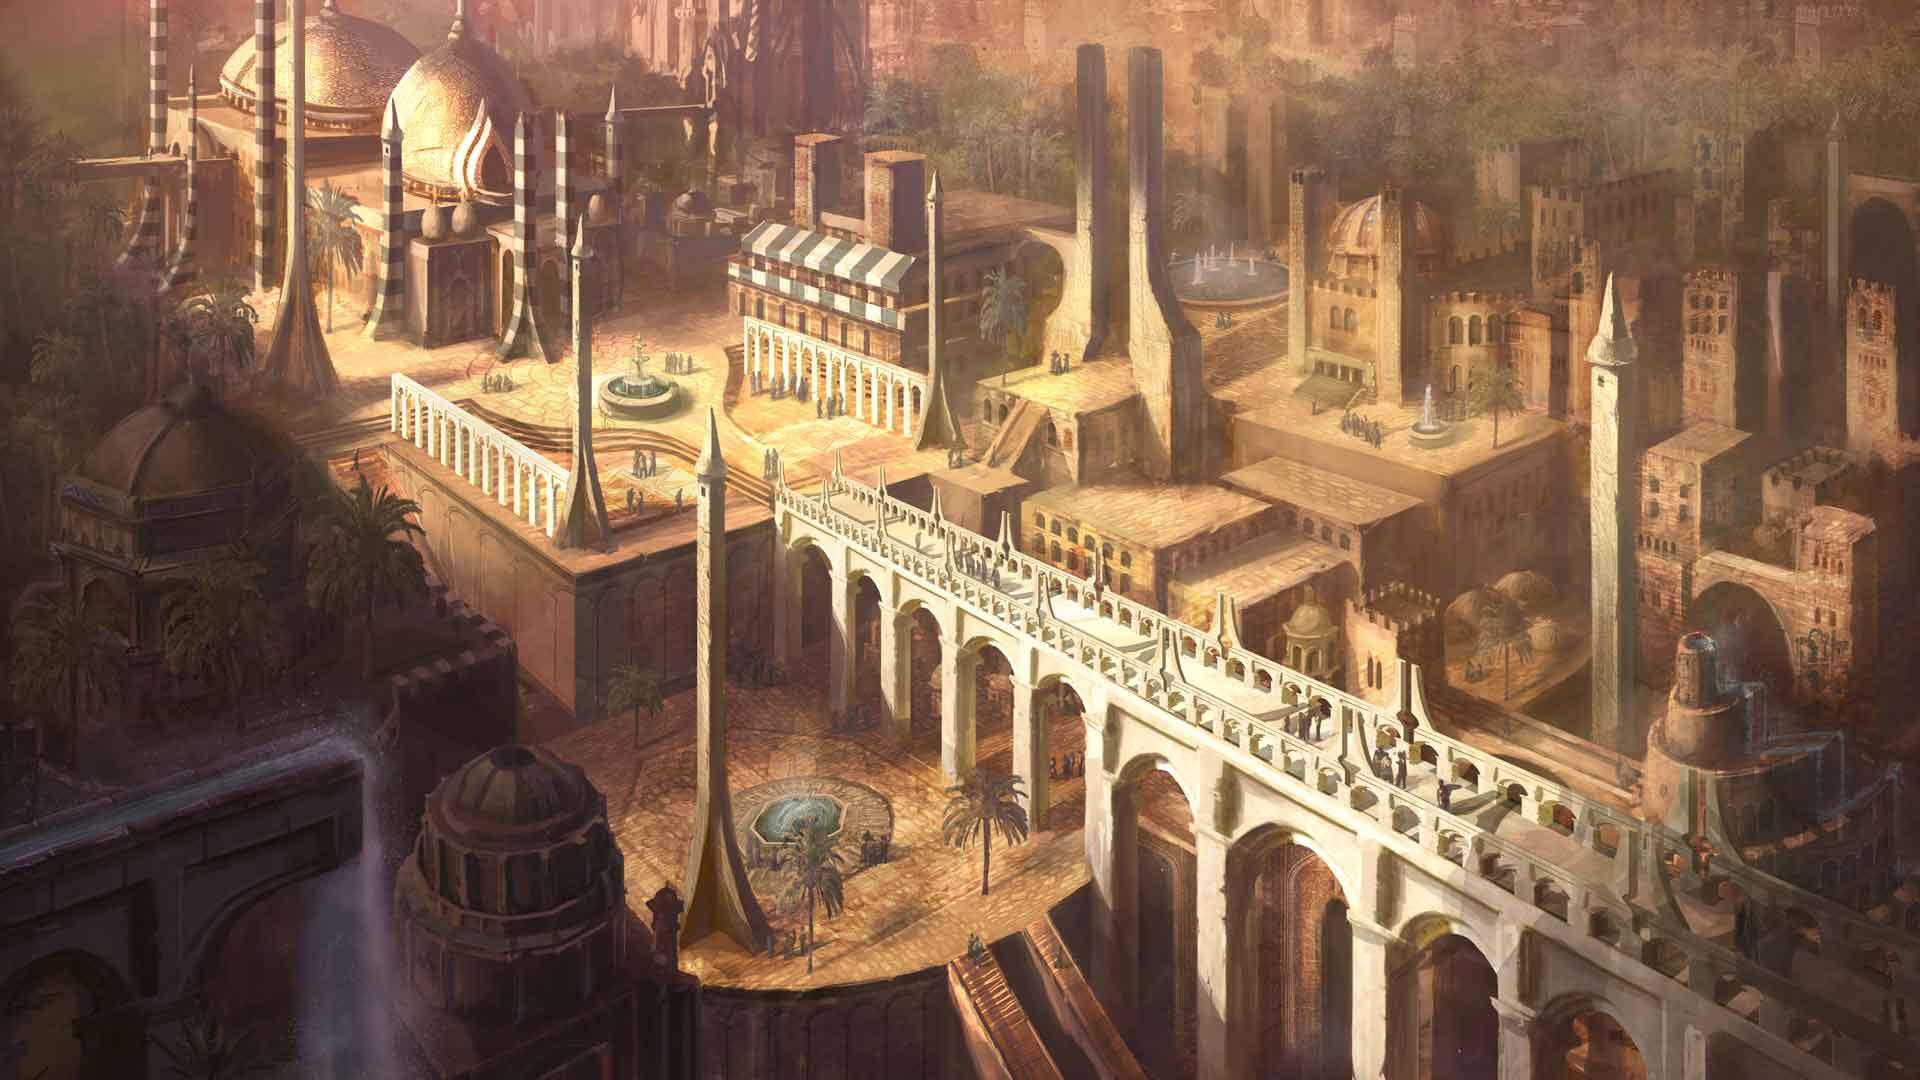 La historia de Eridu, la ciudad Anunnaki en la Tierra